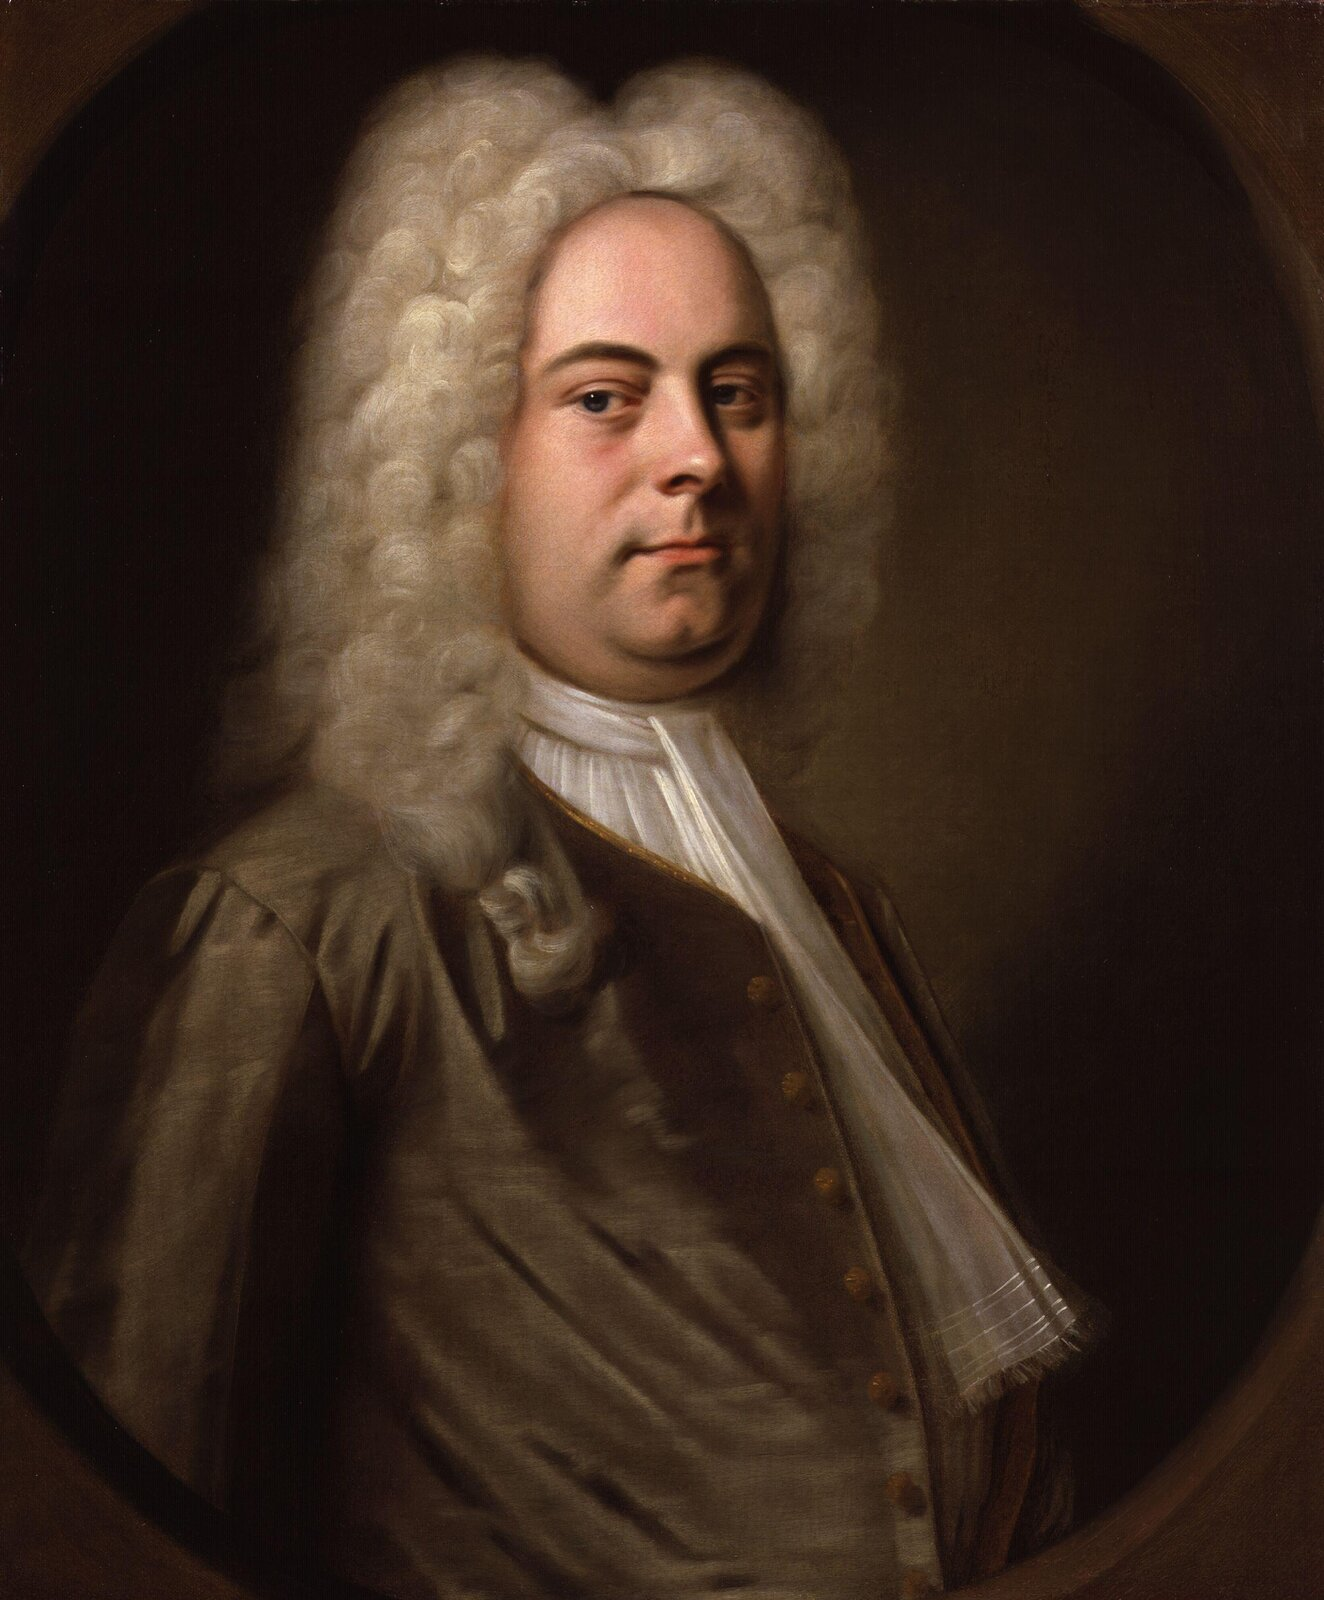 """Na ilustracji obraz autorstwa Balthasara Denner """"Portret Jerzego Fryderyka Händela"""". Kompozytor przedstawiony jest jako postawny mężczyzna, zokrągłą twarzą. Muzyk ma na głowie długą białą perukę. Ubrany jest wbiałą koszulę ibeżowy surdut."""